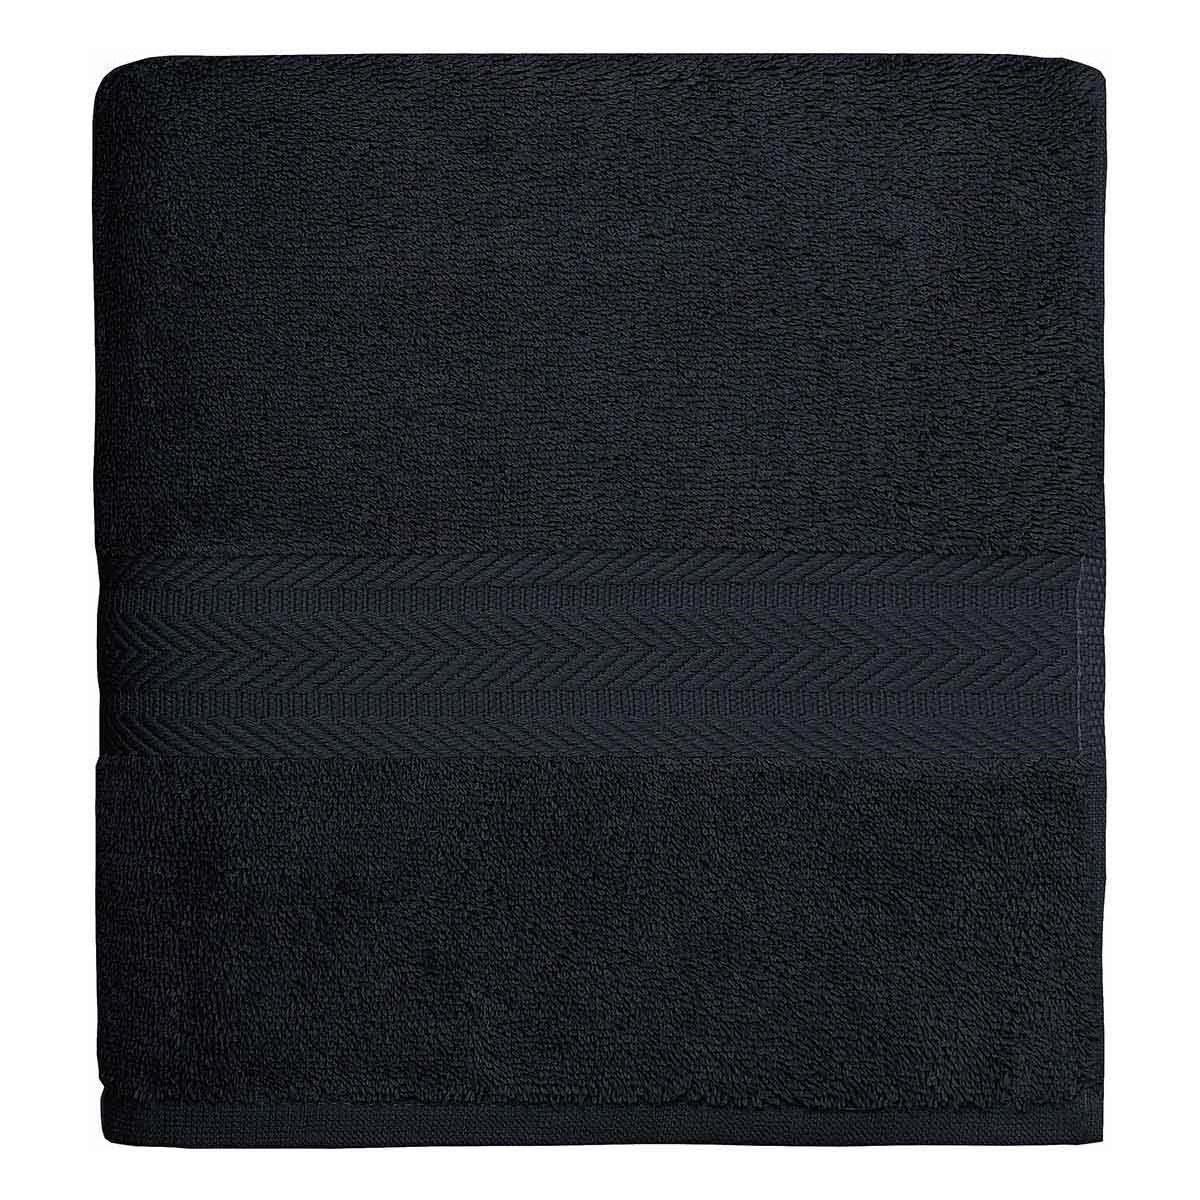 Drap de bain 550gr/m²  Noir 70x140 cm